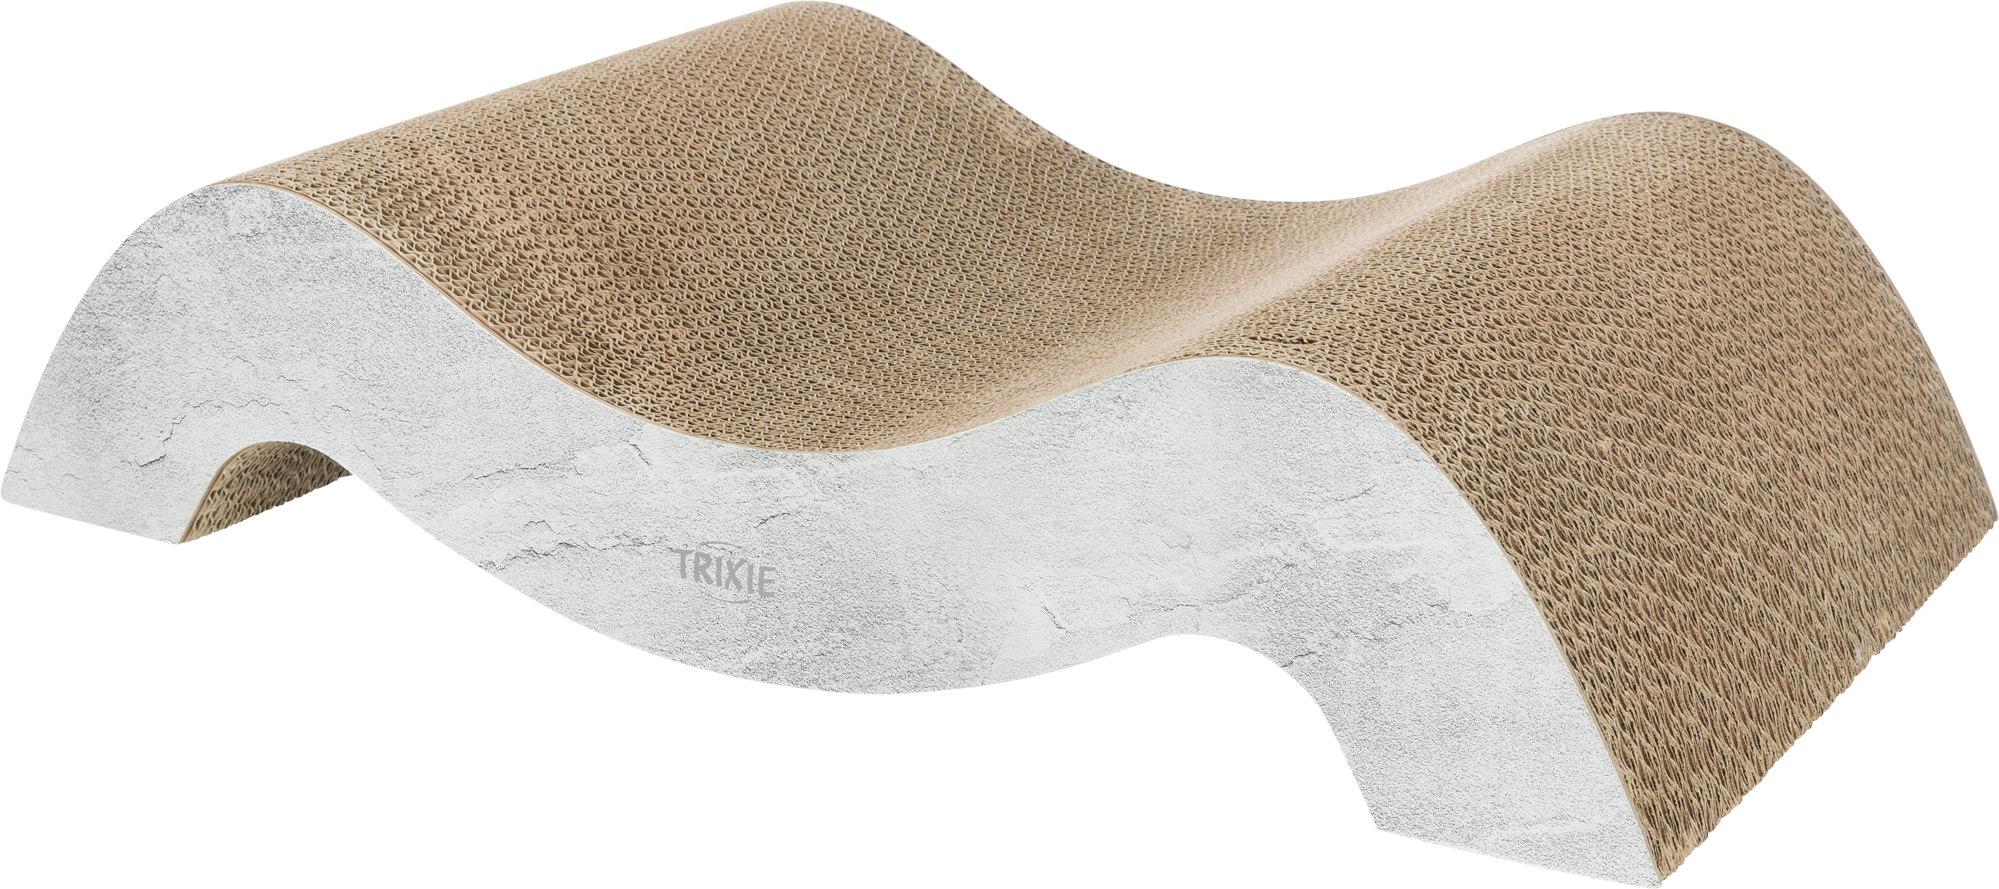 TRIXIE Kratzpappe XXL TRIXIE Kratzpappe XXL, 64 × 14 × 37 cm, grau